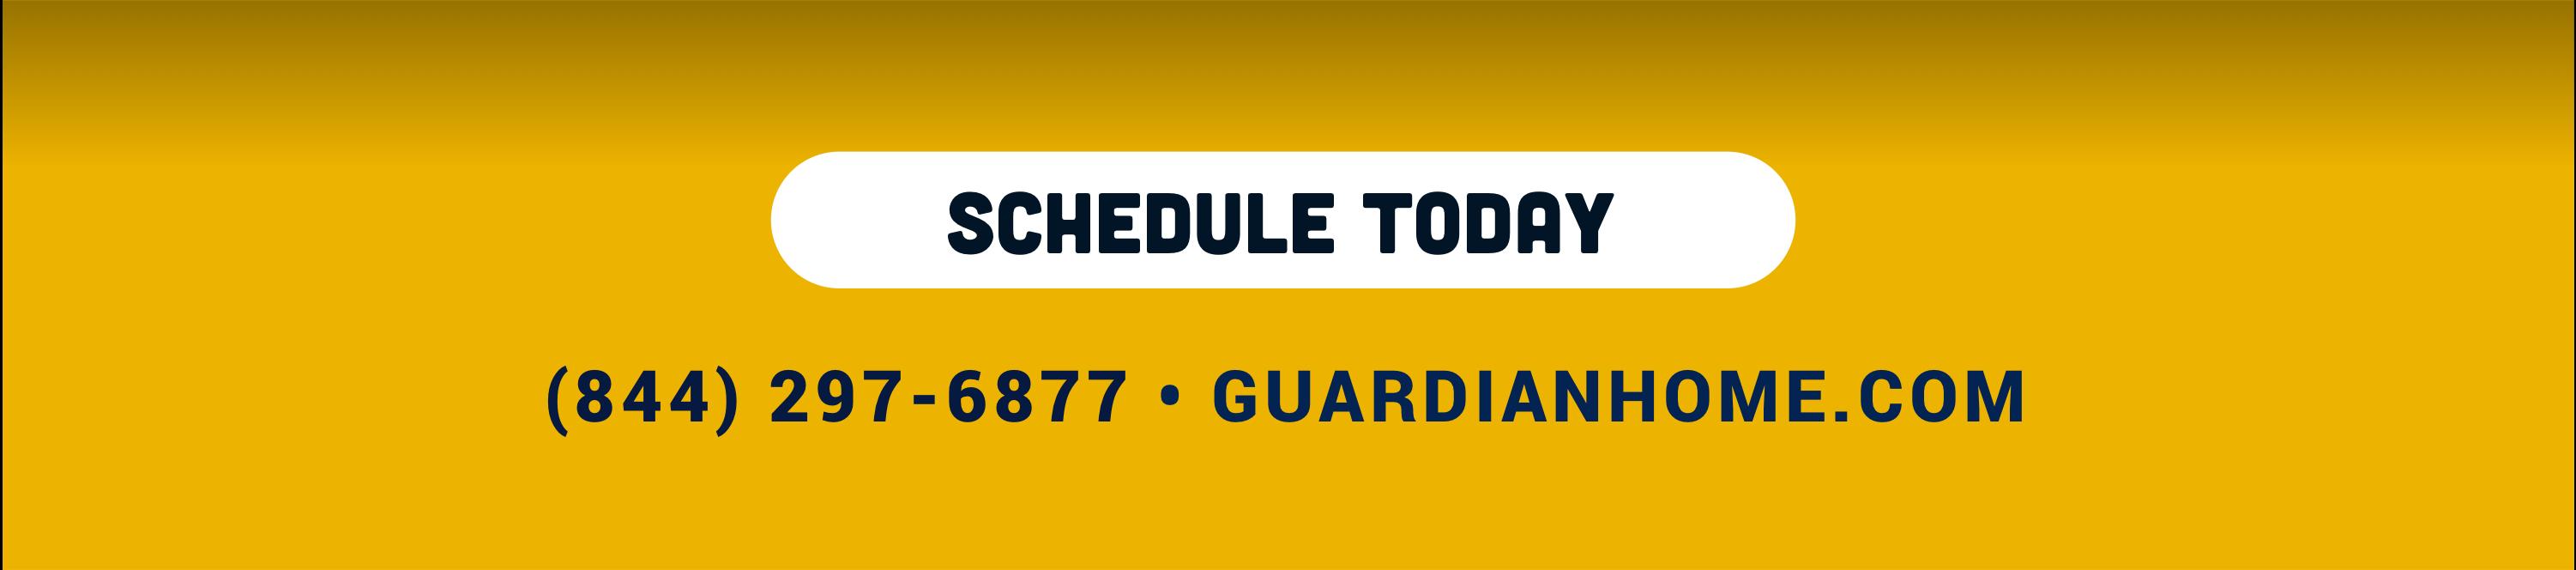 The Guardian Gazette: September 2020 Newsletter